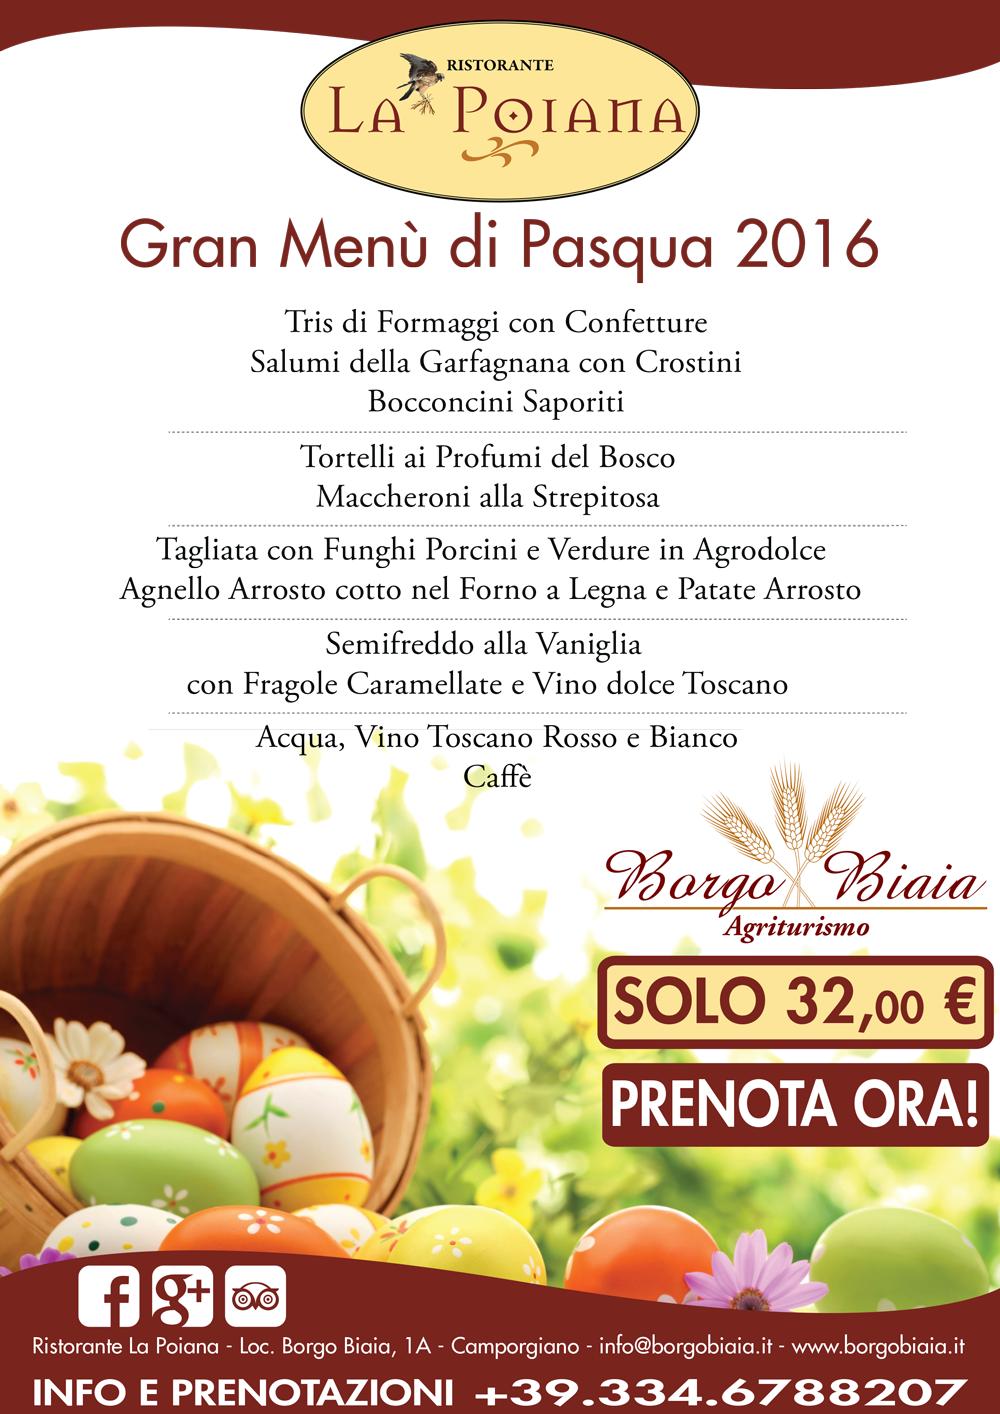 menu-di-pasqua-2016